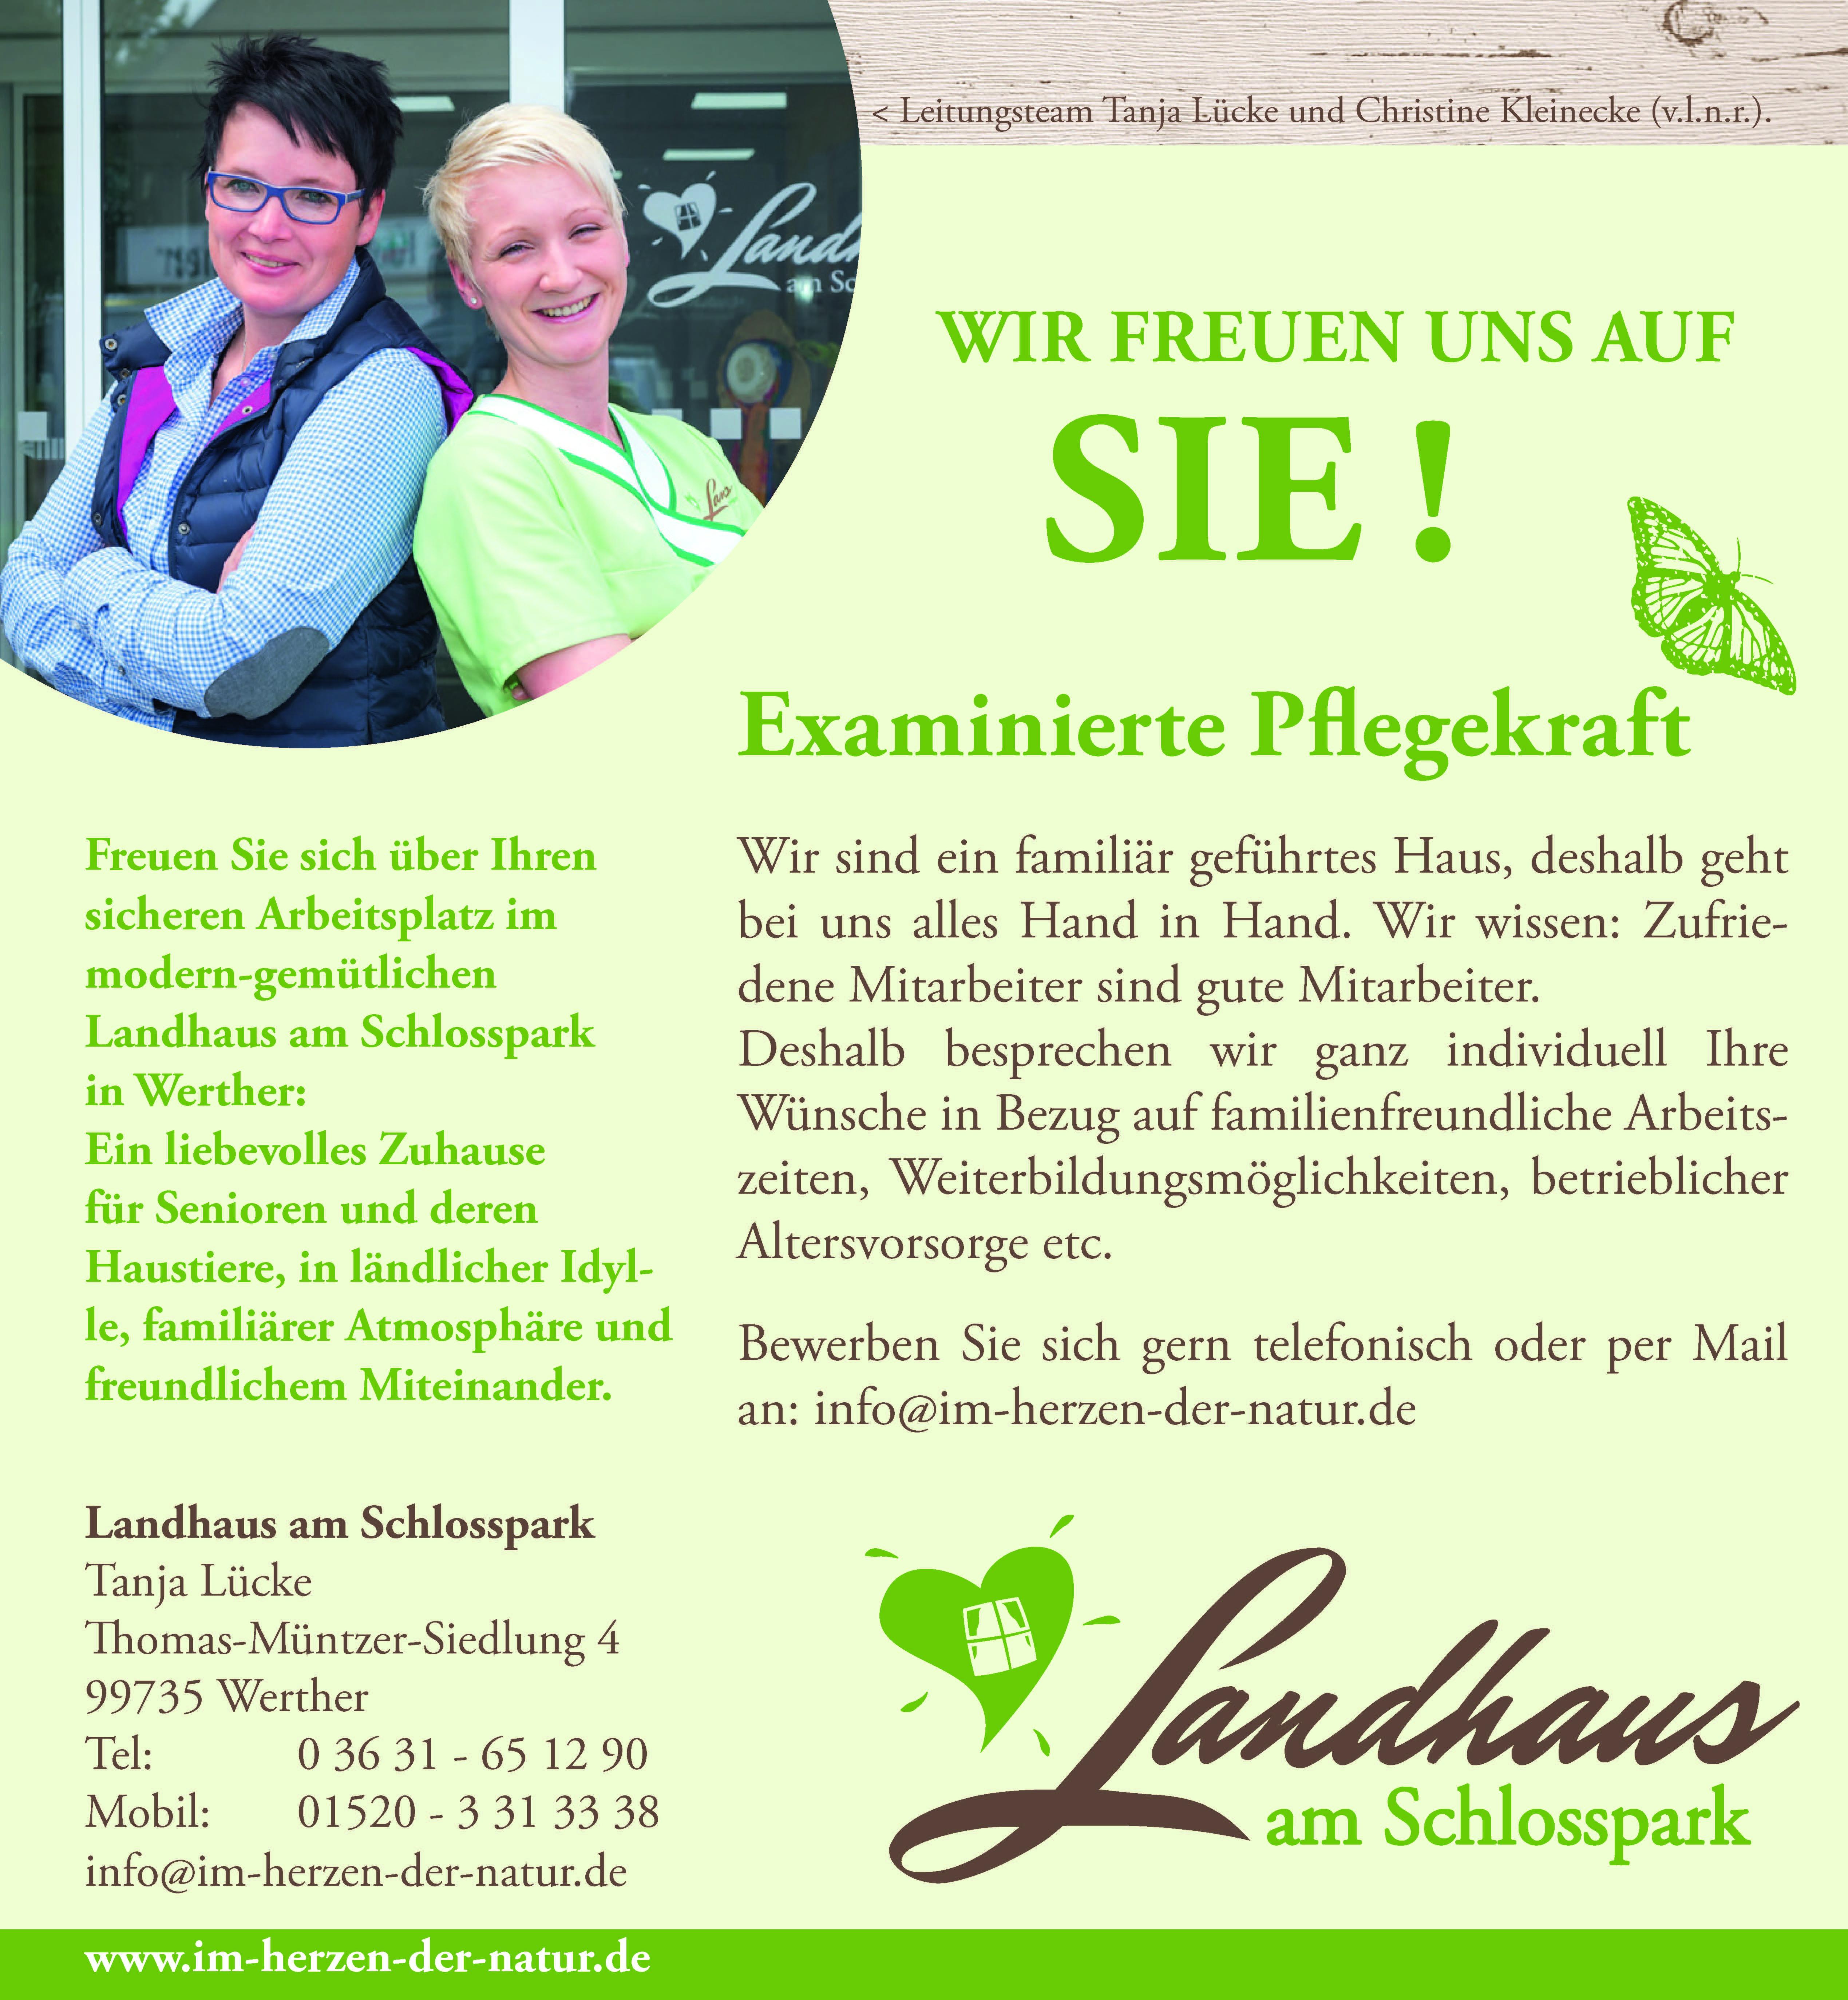 Anz-LandhausSchlossp_examinPfl_Druck